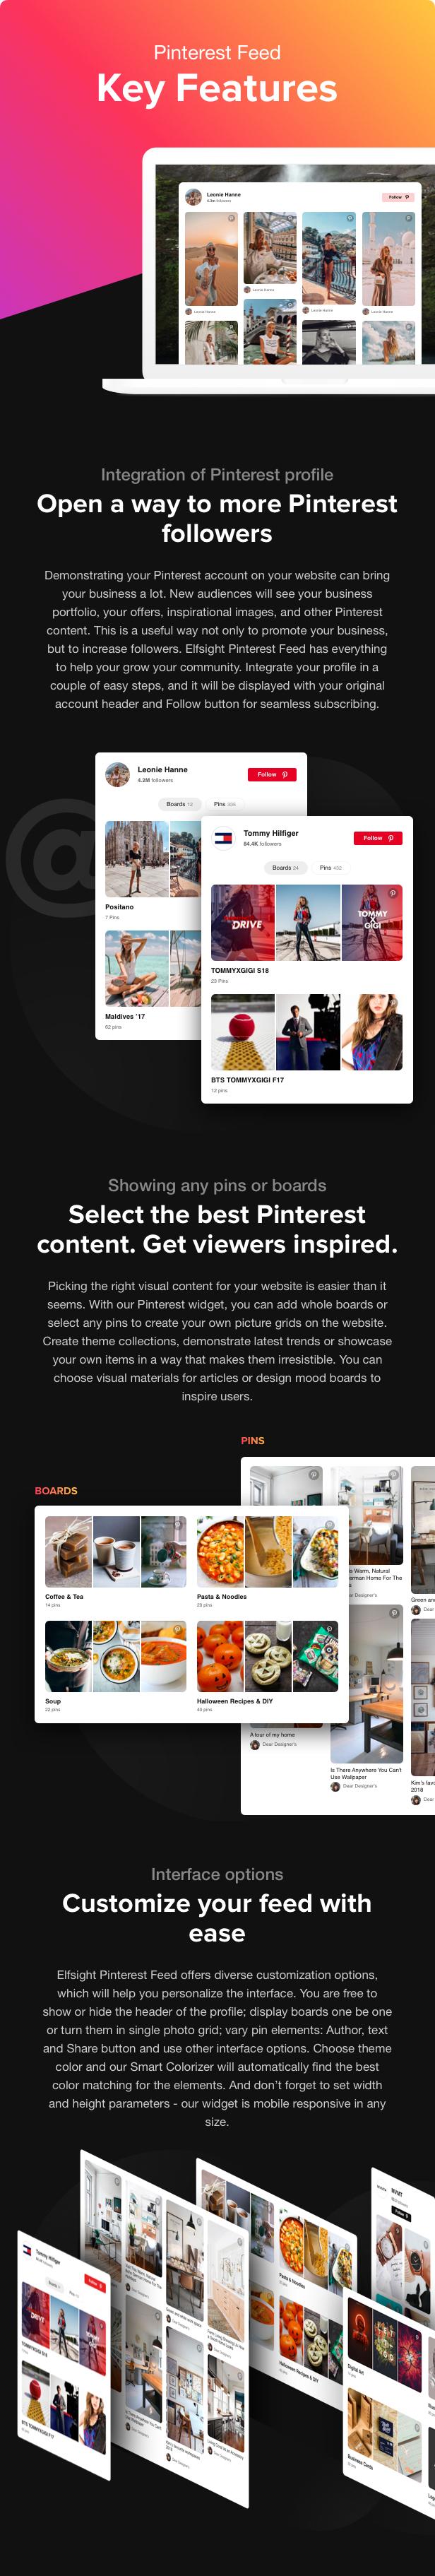 pinterest-feed-description-features.jpg